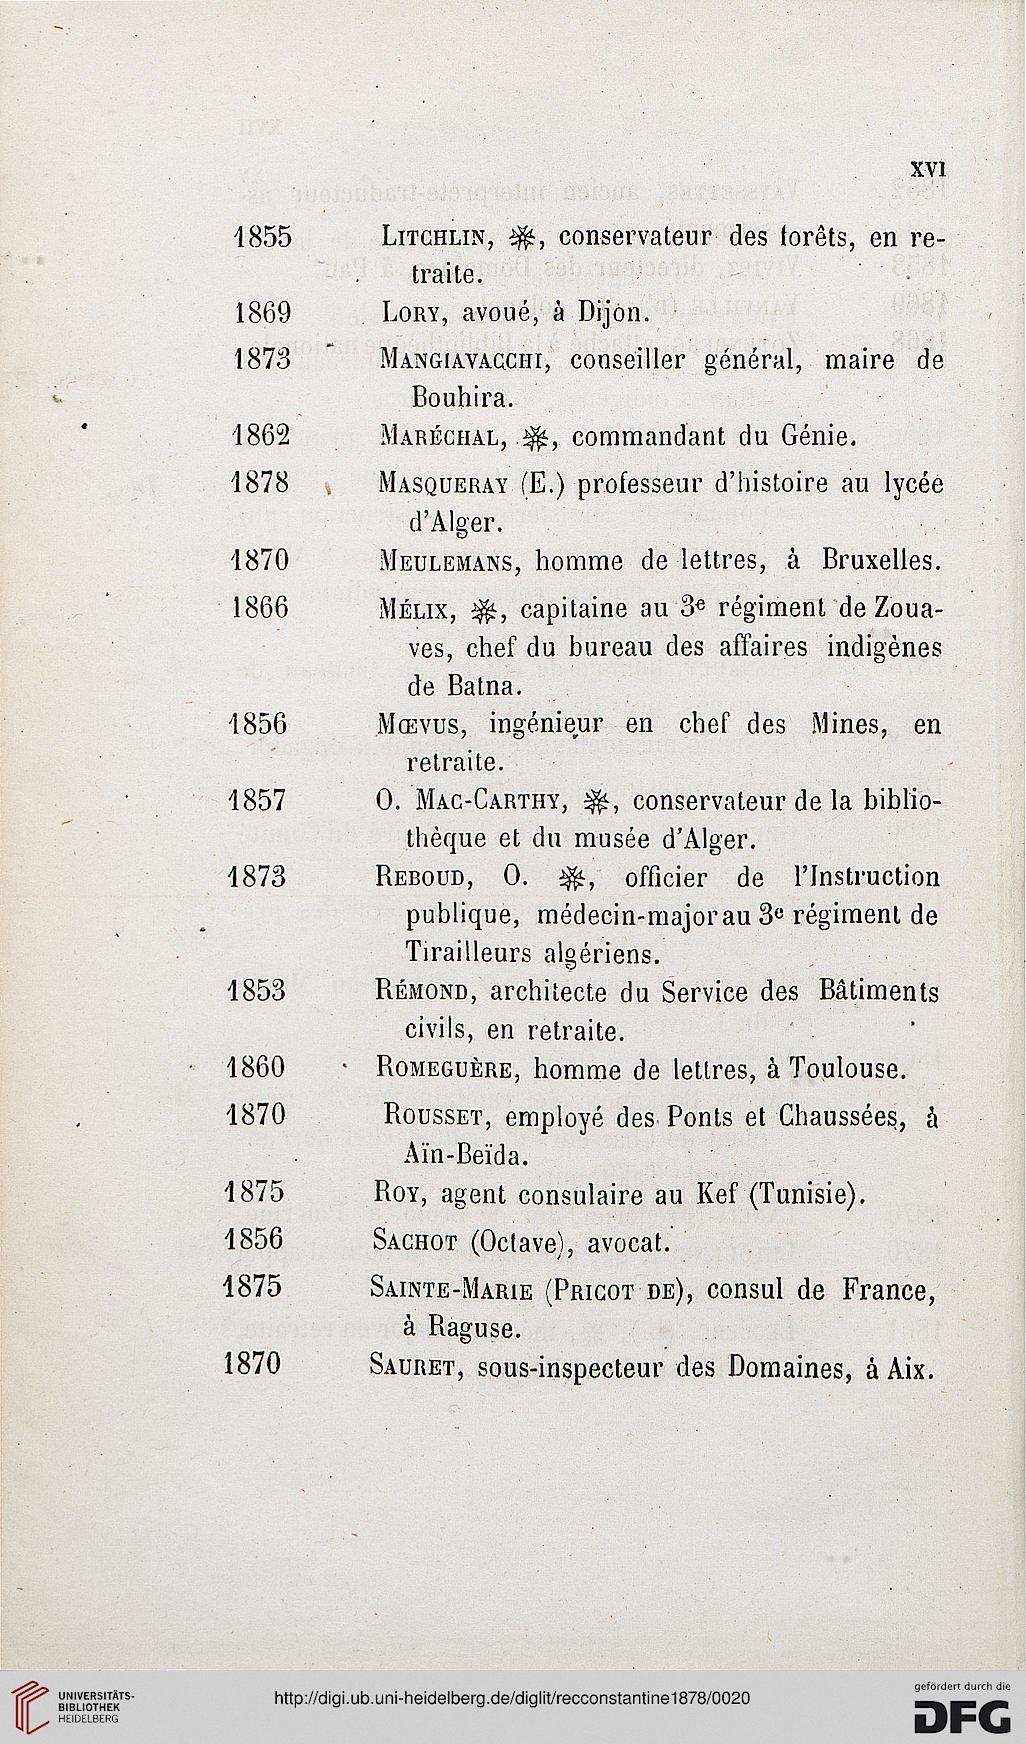 Recueil Des Notices Et Memoires De La Societe Archeologique Du Departement Constantine Ser 28181876 771878